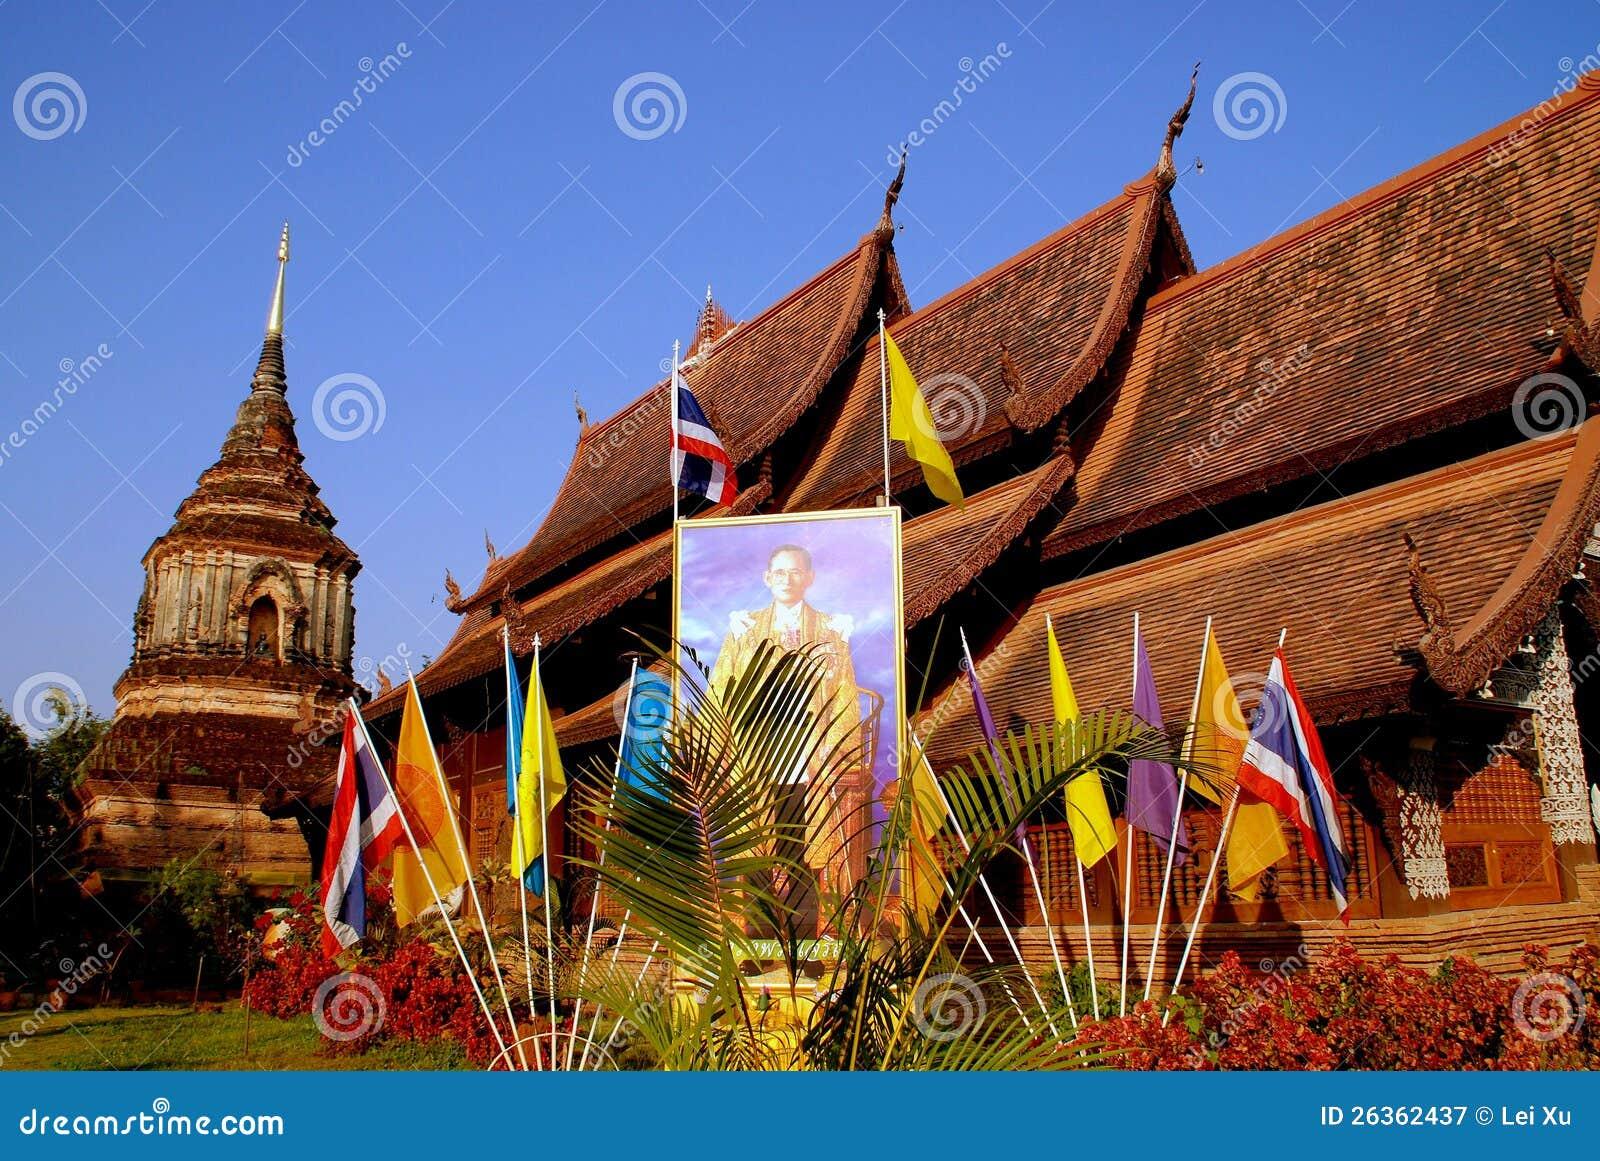 Chiang Mai TH: Wat Lok Molee